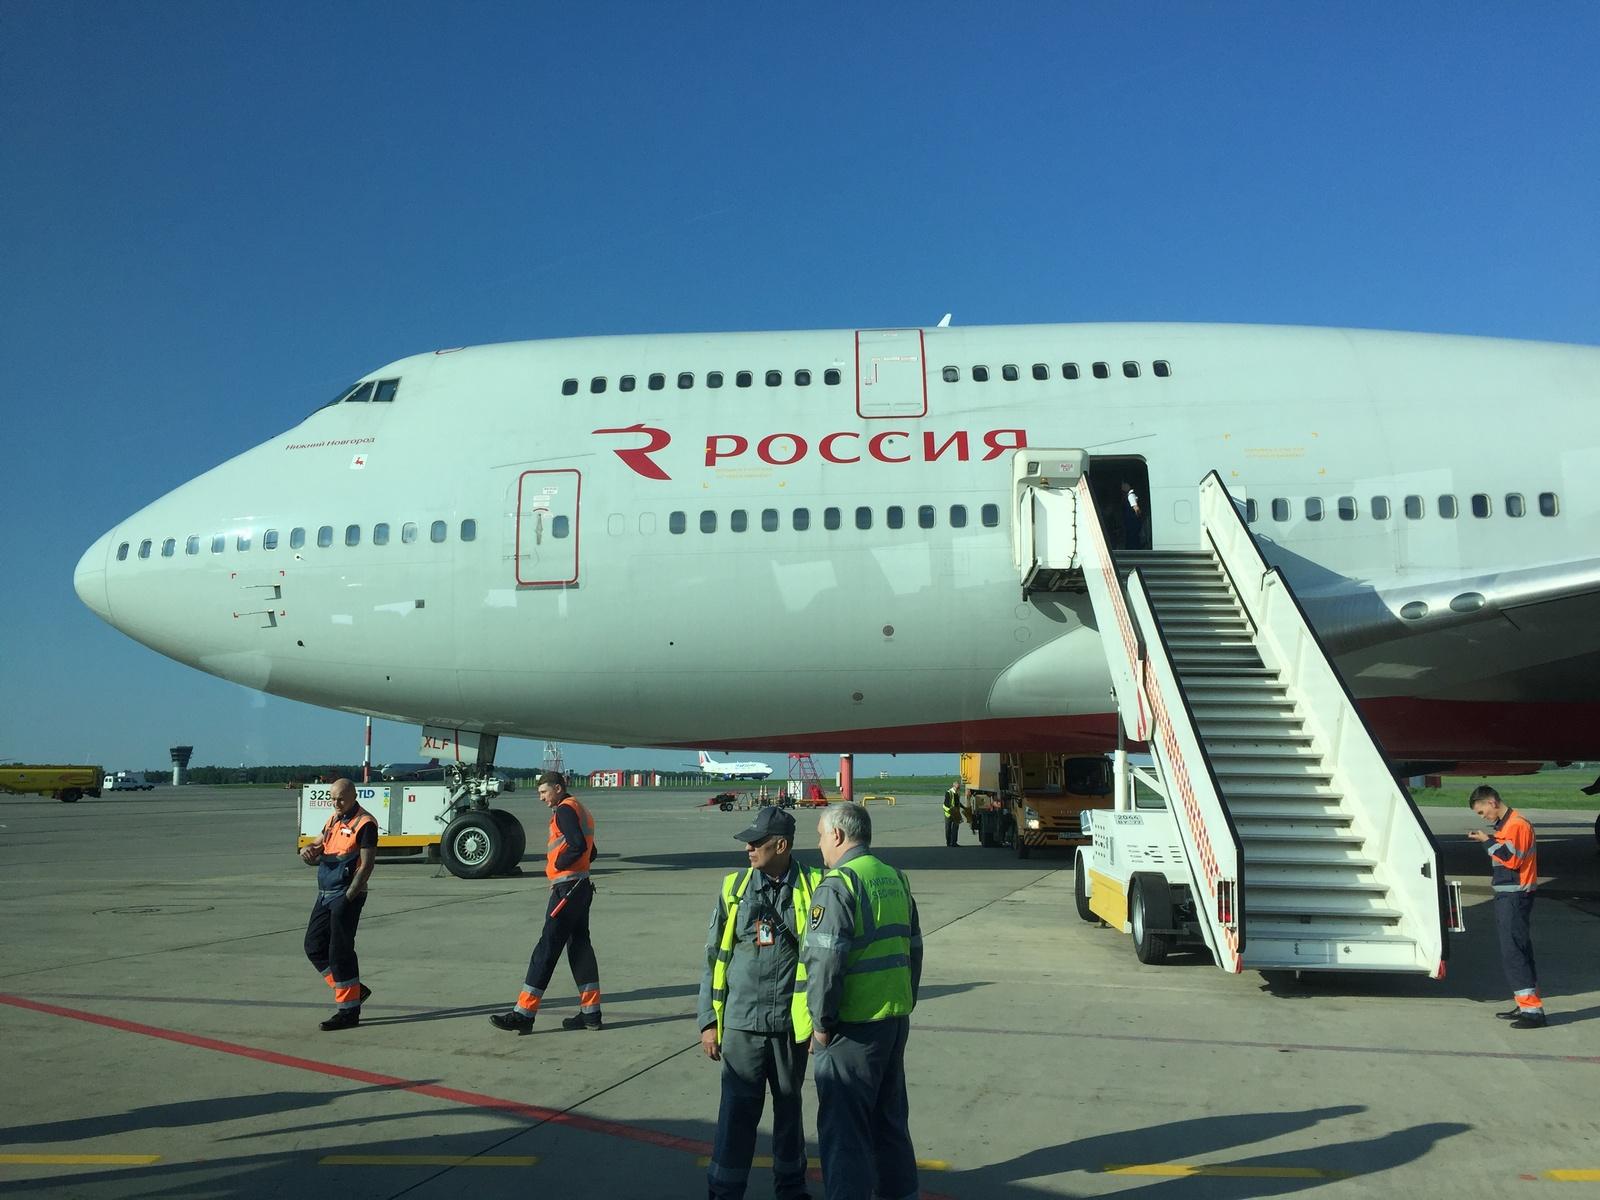 """Из Внуково на солнечный Кипр с авиакомпанией """"Rossiya"""" на Boeing-747"""